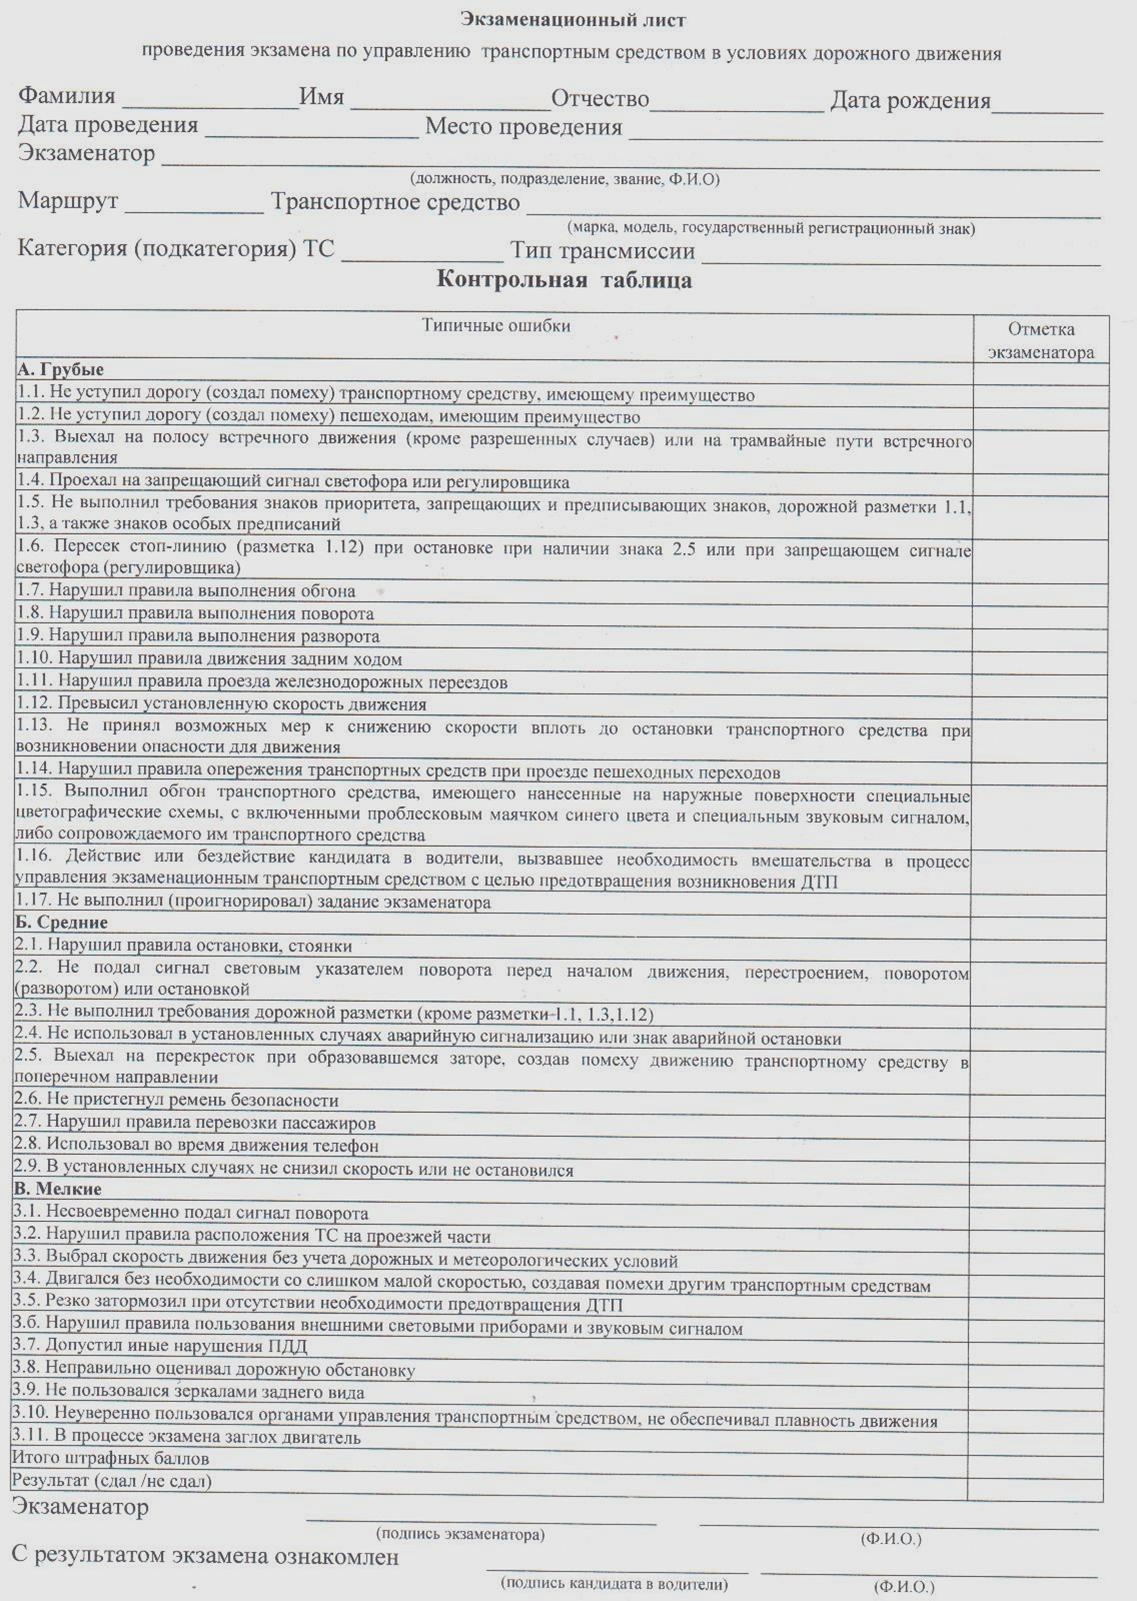 Экзаменационный лист гибдд бланк скачать бесплатно